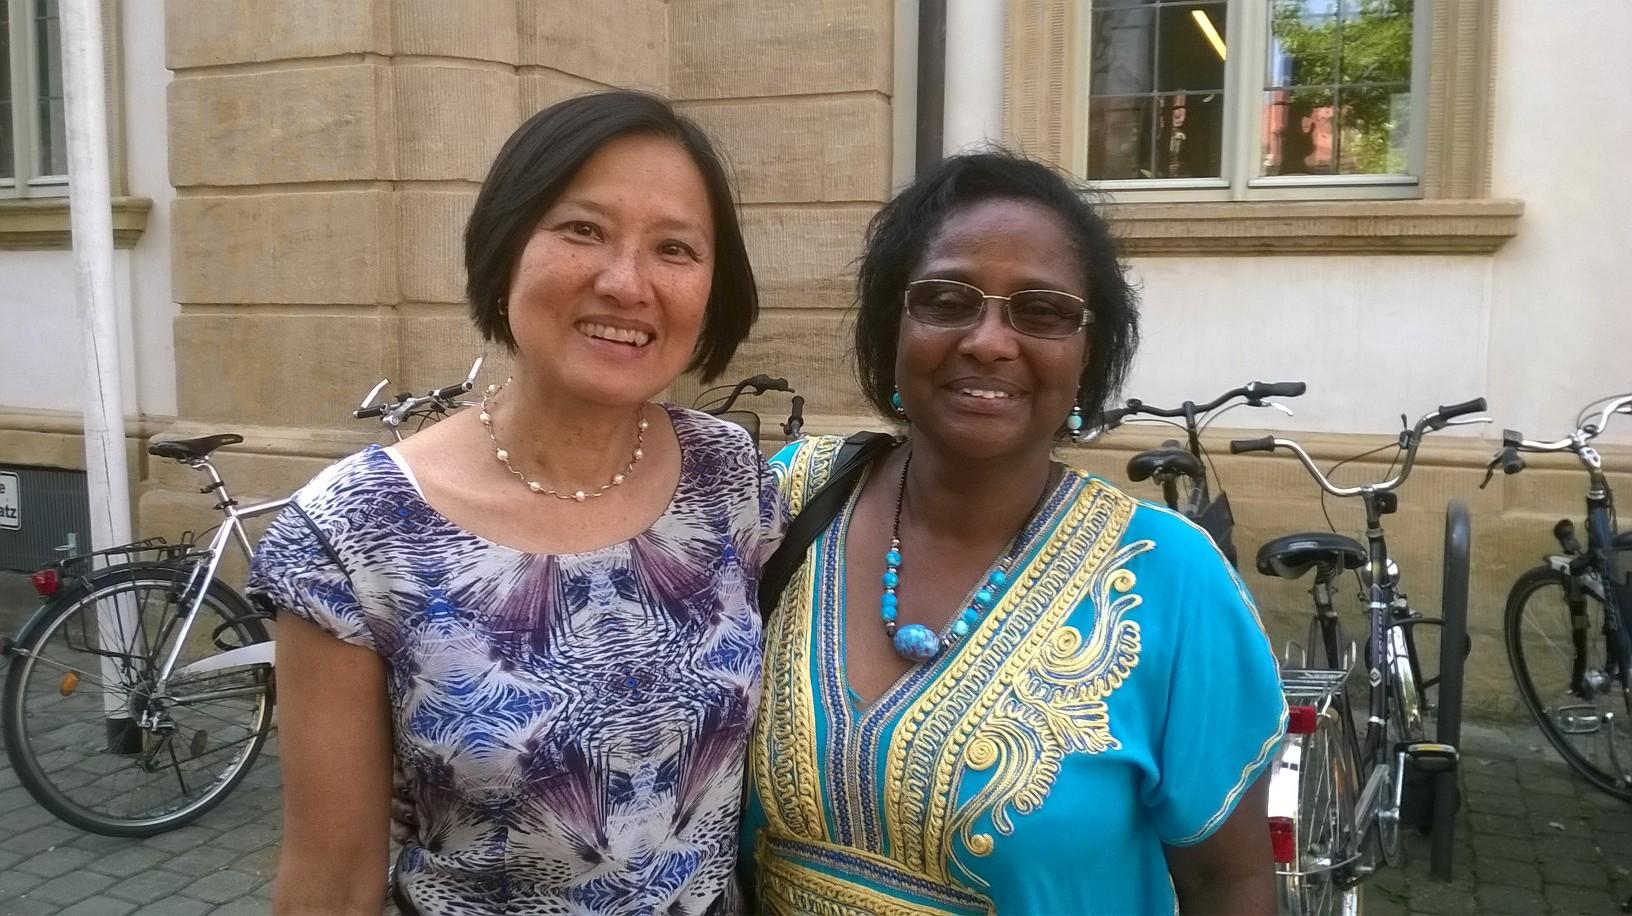 Marissa Pablo-Dürr ( Vorsitzende von Migrantinenn-Netzwerk Bayern e.V.) und Dr. Pierrette Herzberger-Fofana ( Vorstandsmitglied).